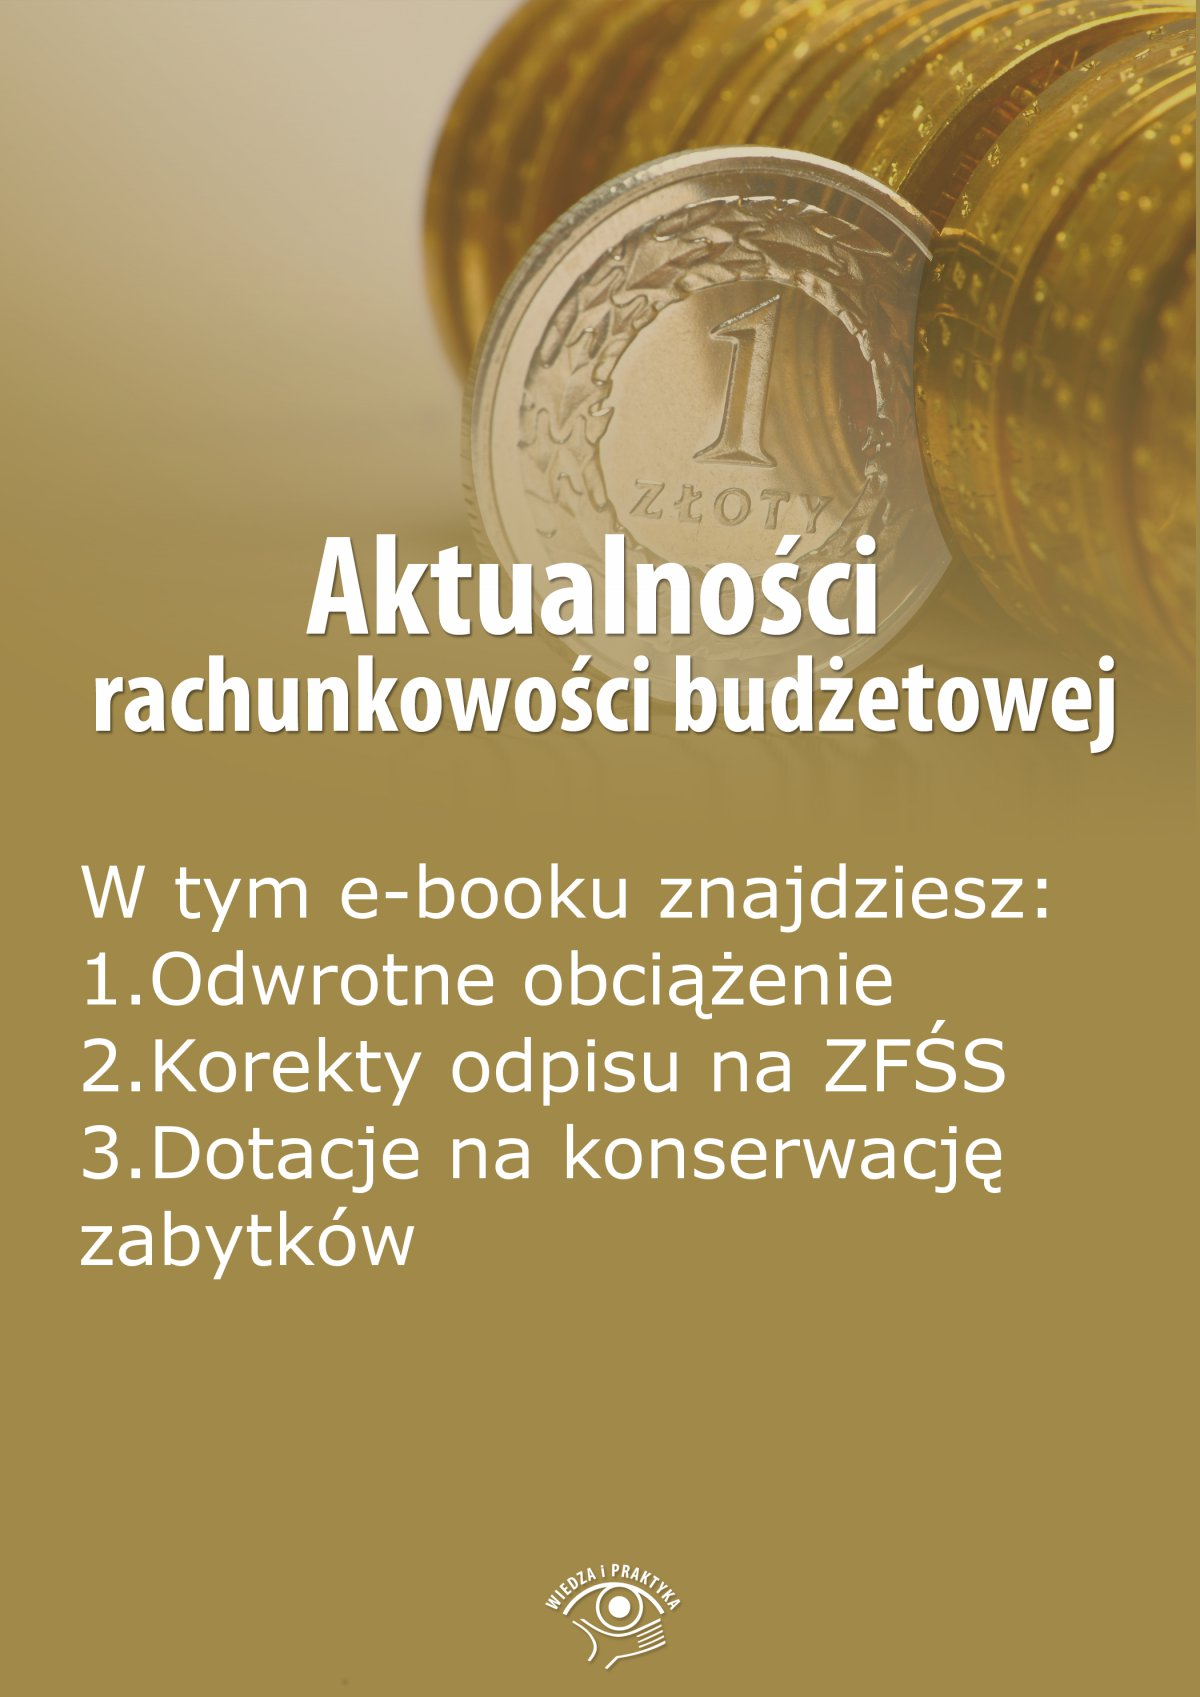 Aktualności rachunkowości budżetowej, wydanie sierpień 2015 r. - Ebook (Książka EPUB) do pobrania w formacie EPUB